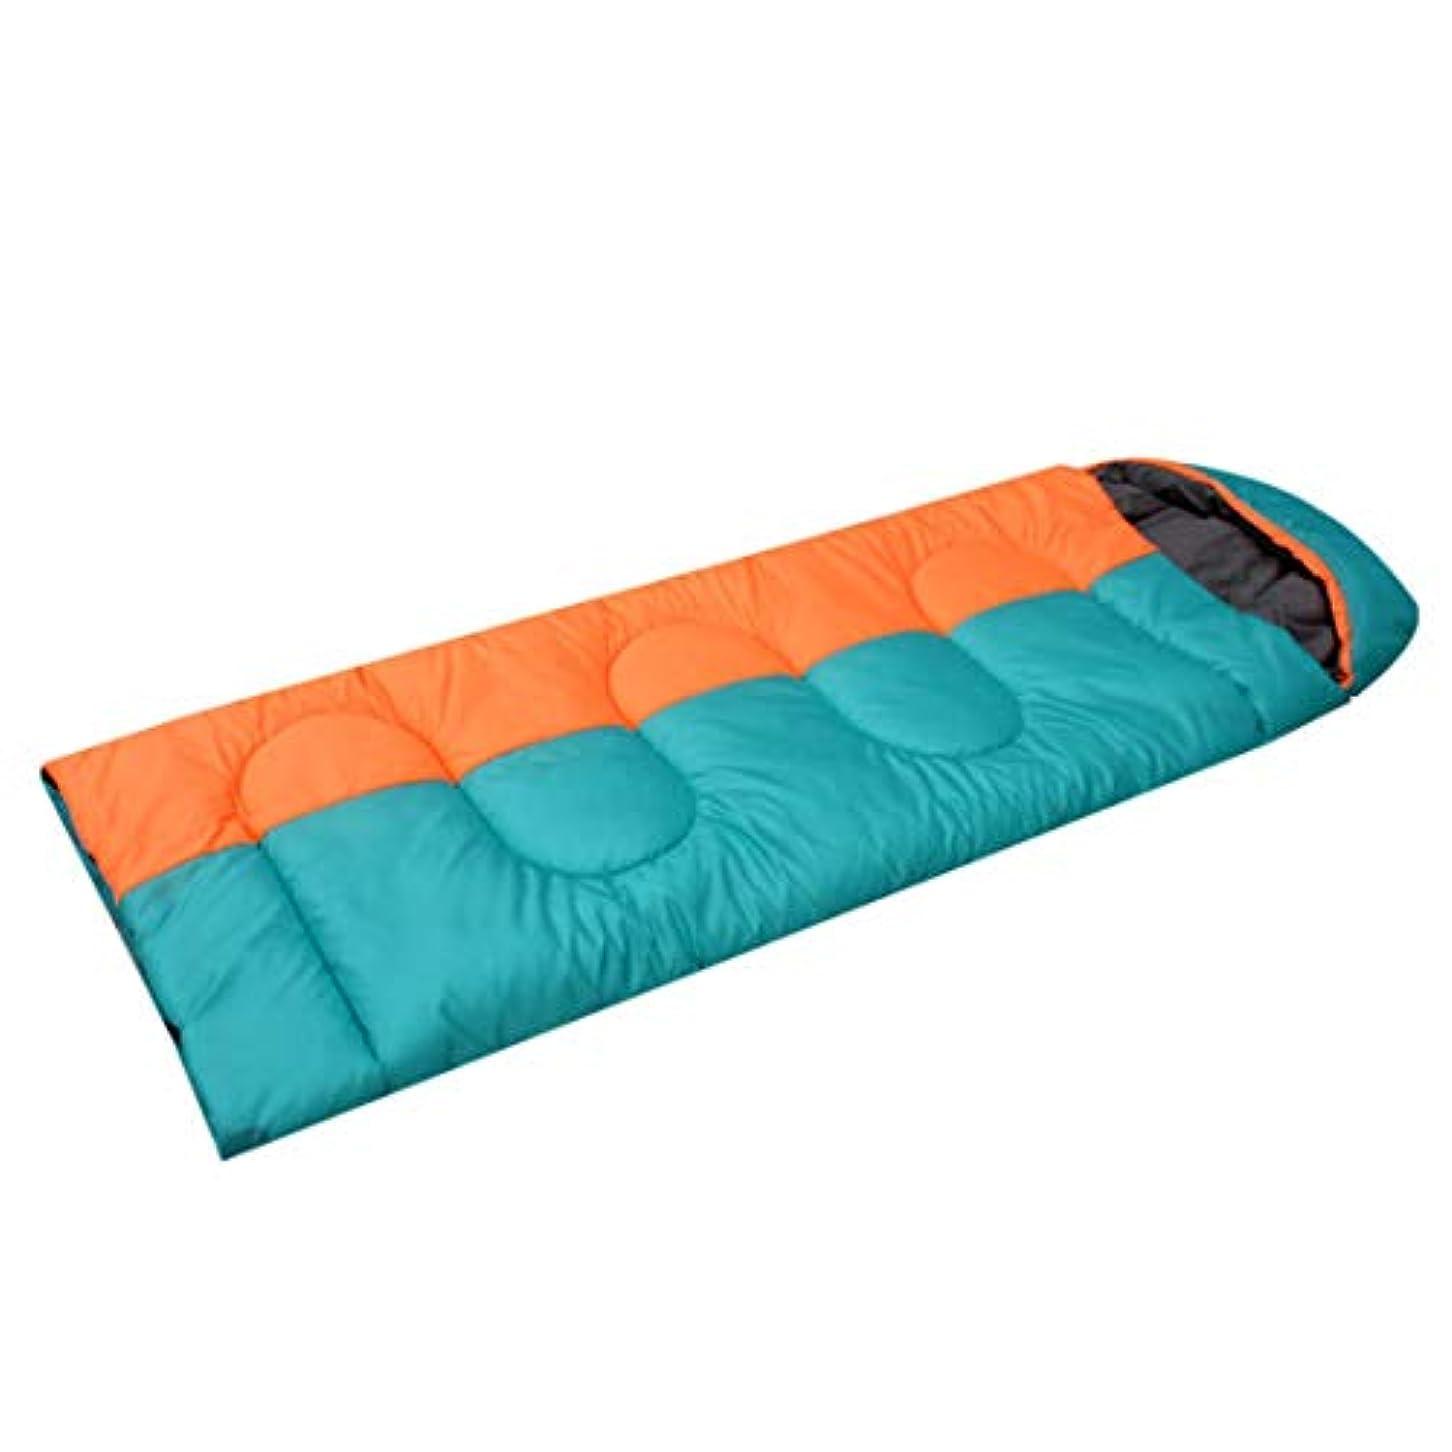 トチの実の木コック地殻Wanc 暖かい 耐寒 大人用 寝袋 キャンプ、ハイキング、旅行